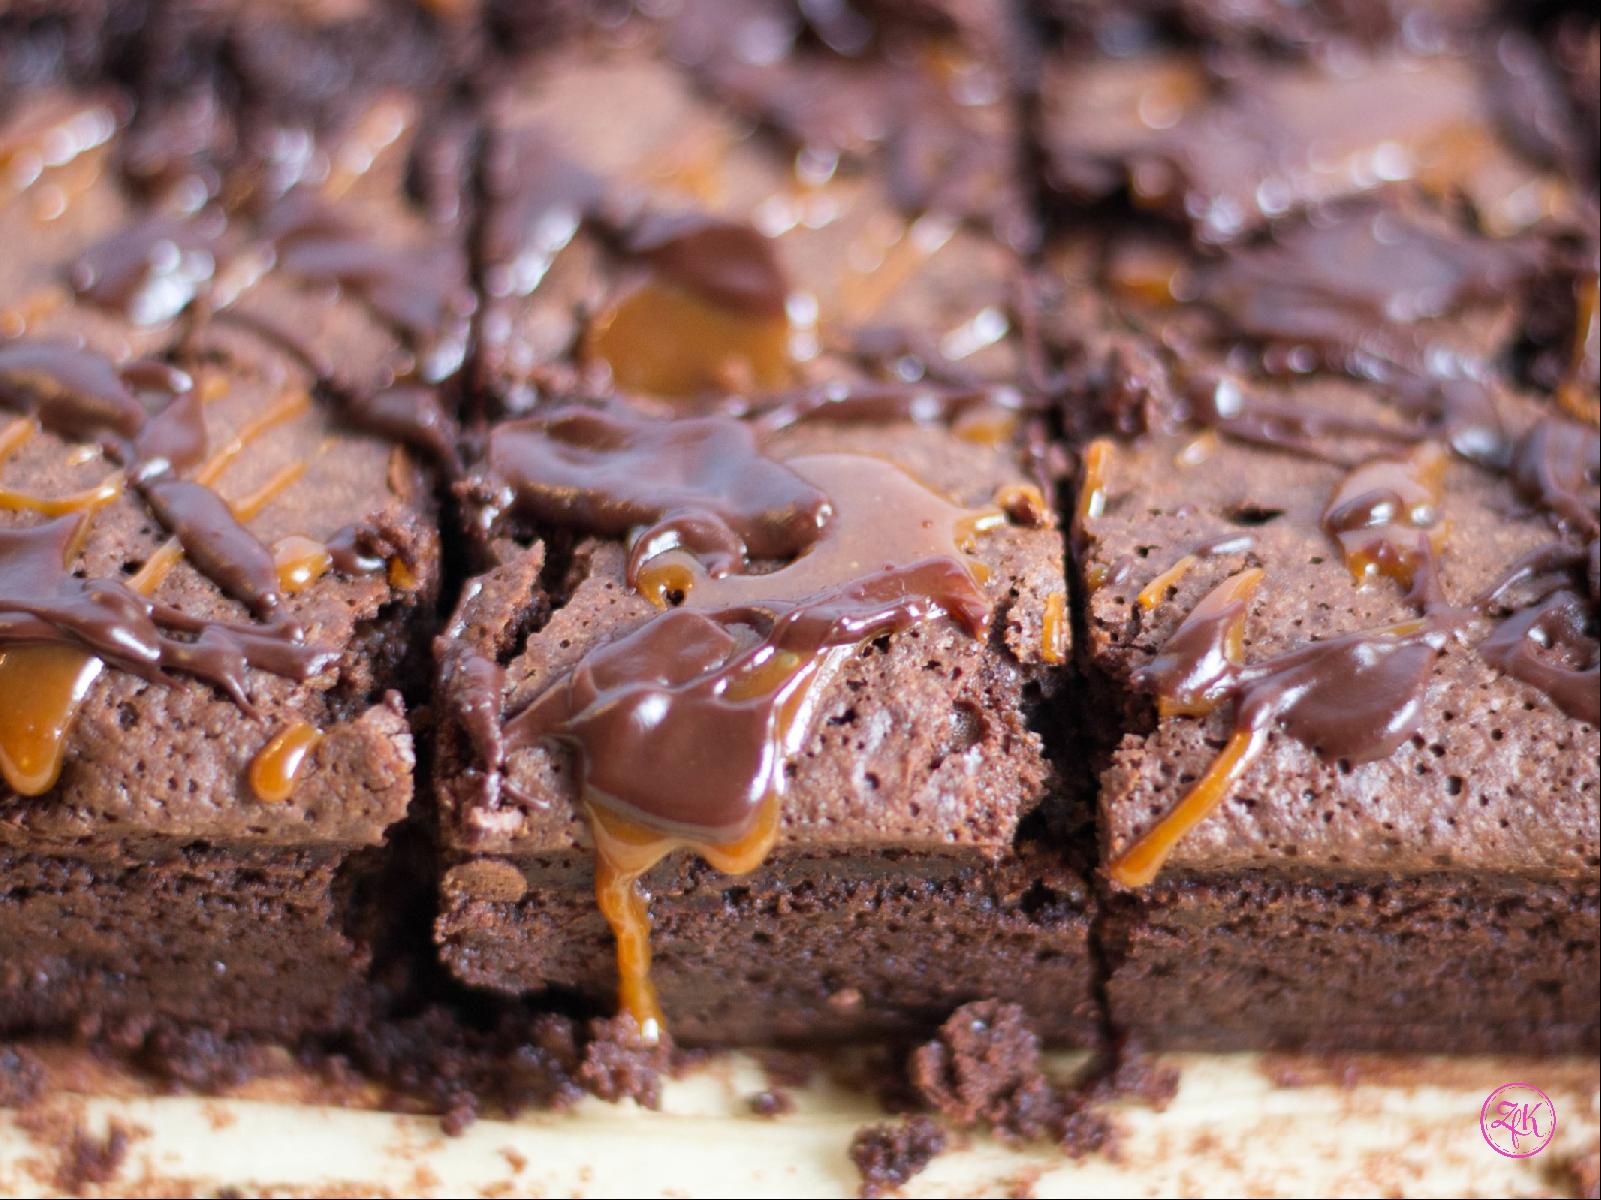 Karamell & Schokolade krönen den Brownie